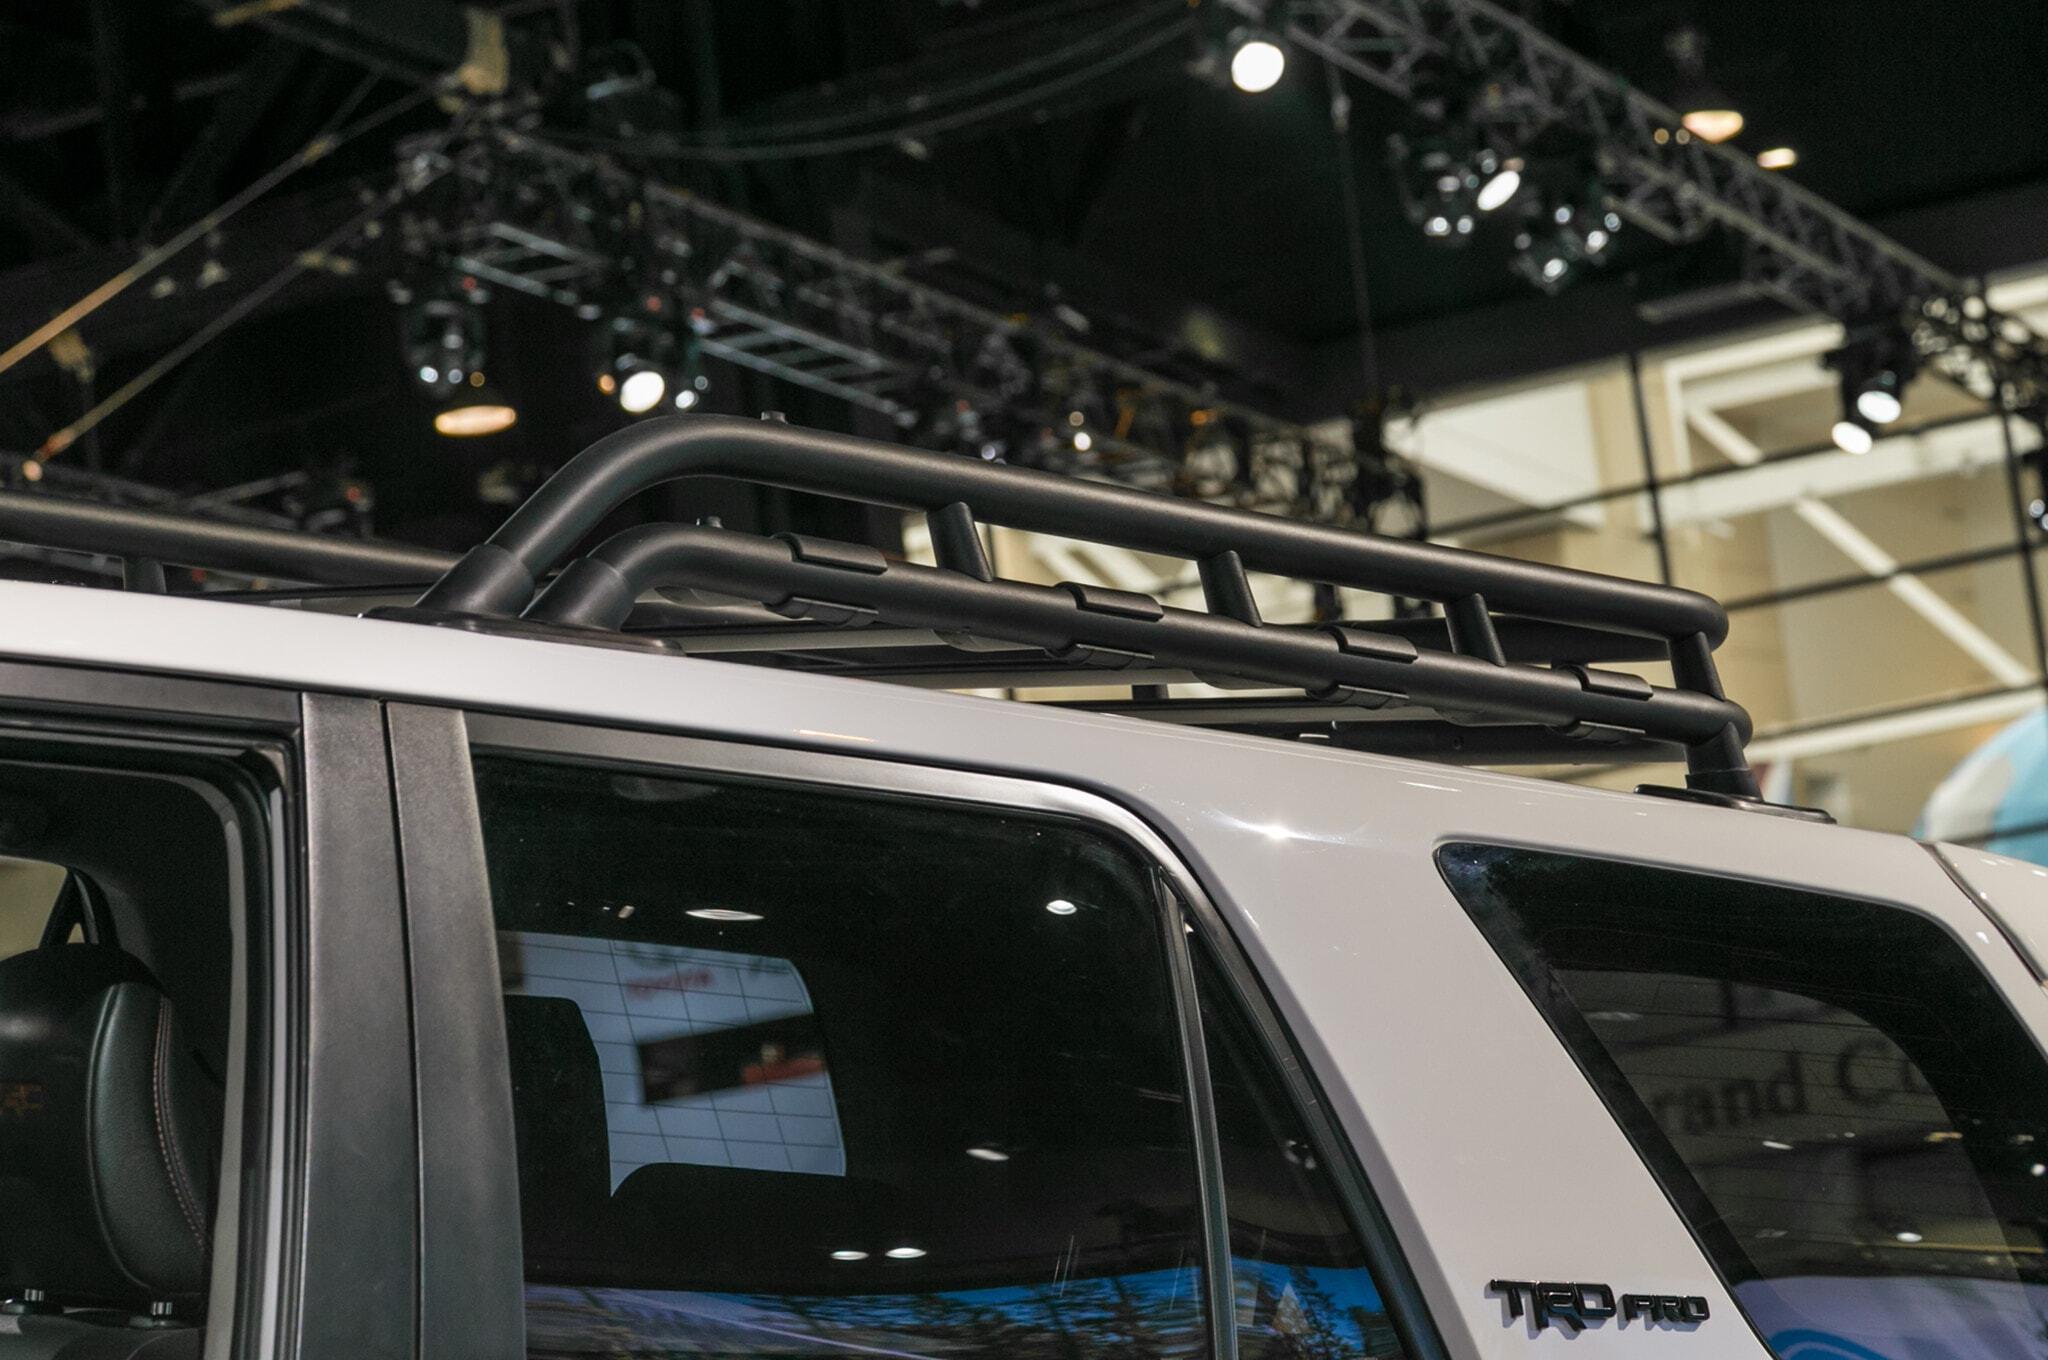 2019-Toyota-4Runner-TRD-Pro-top-roof-detail